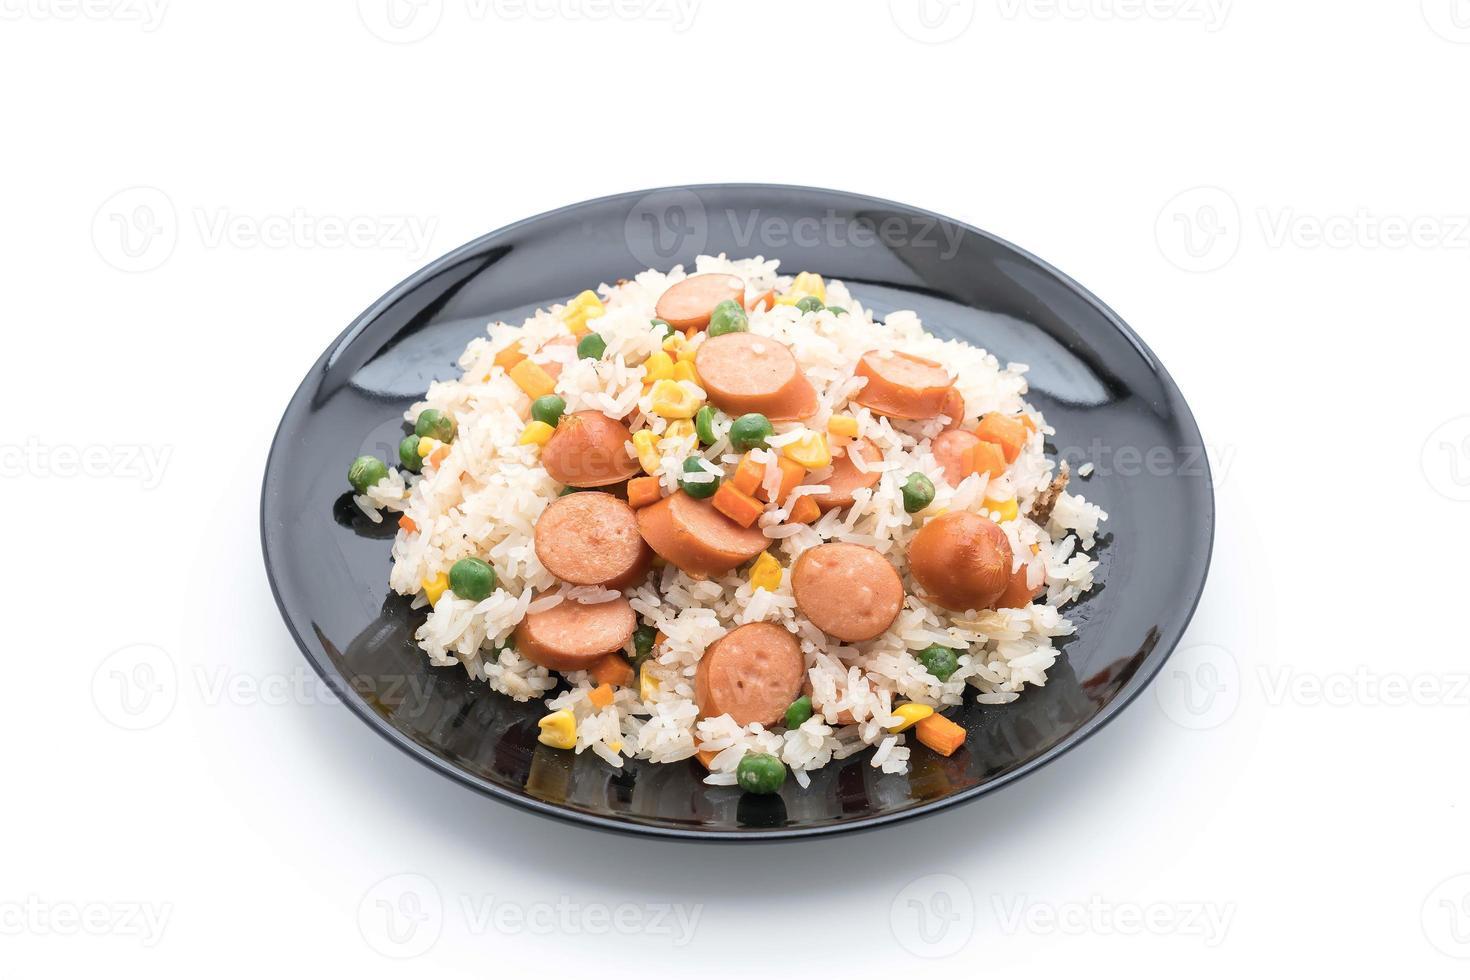 arroz frito con salchicha foto